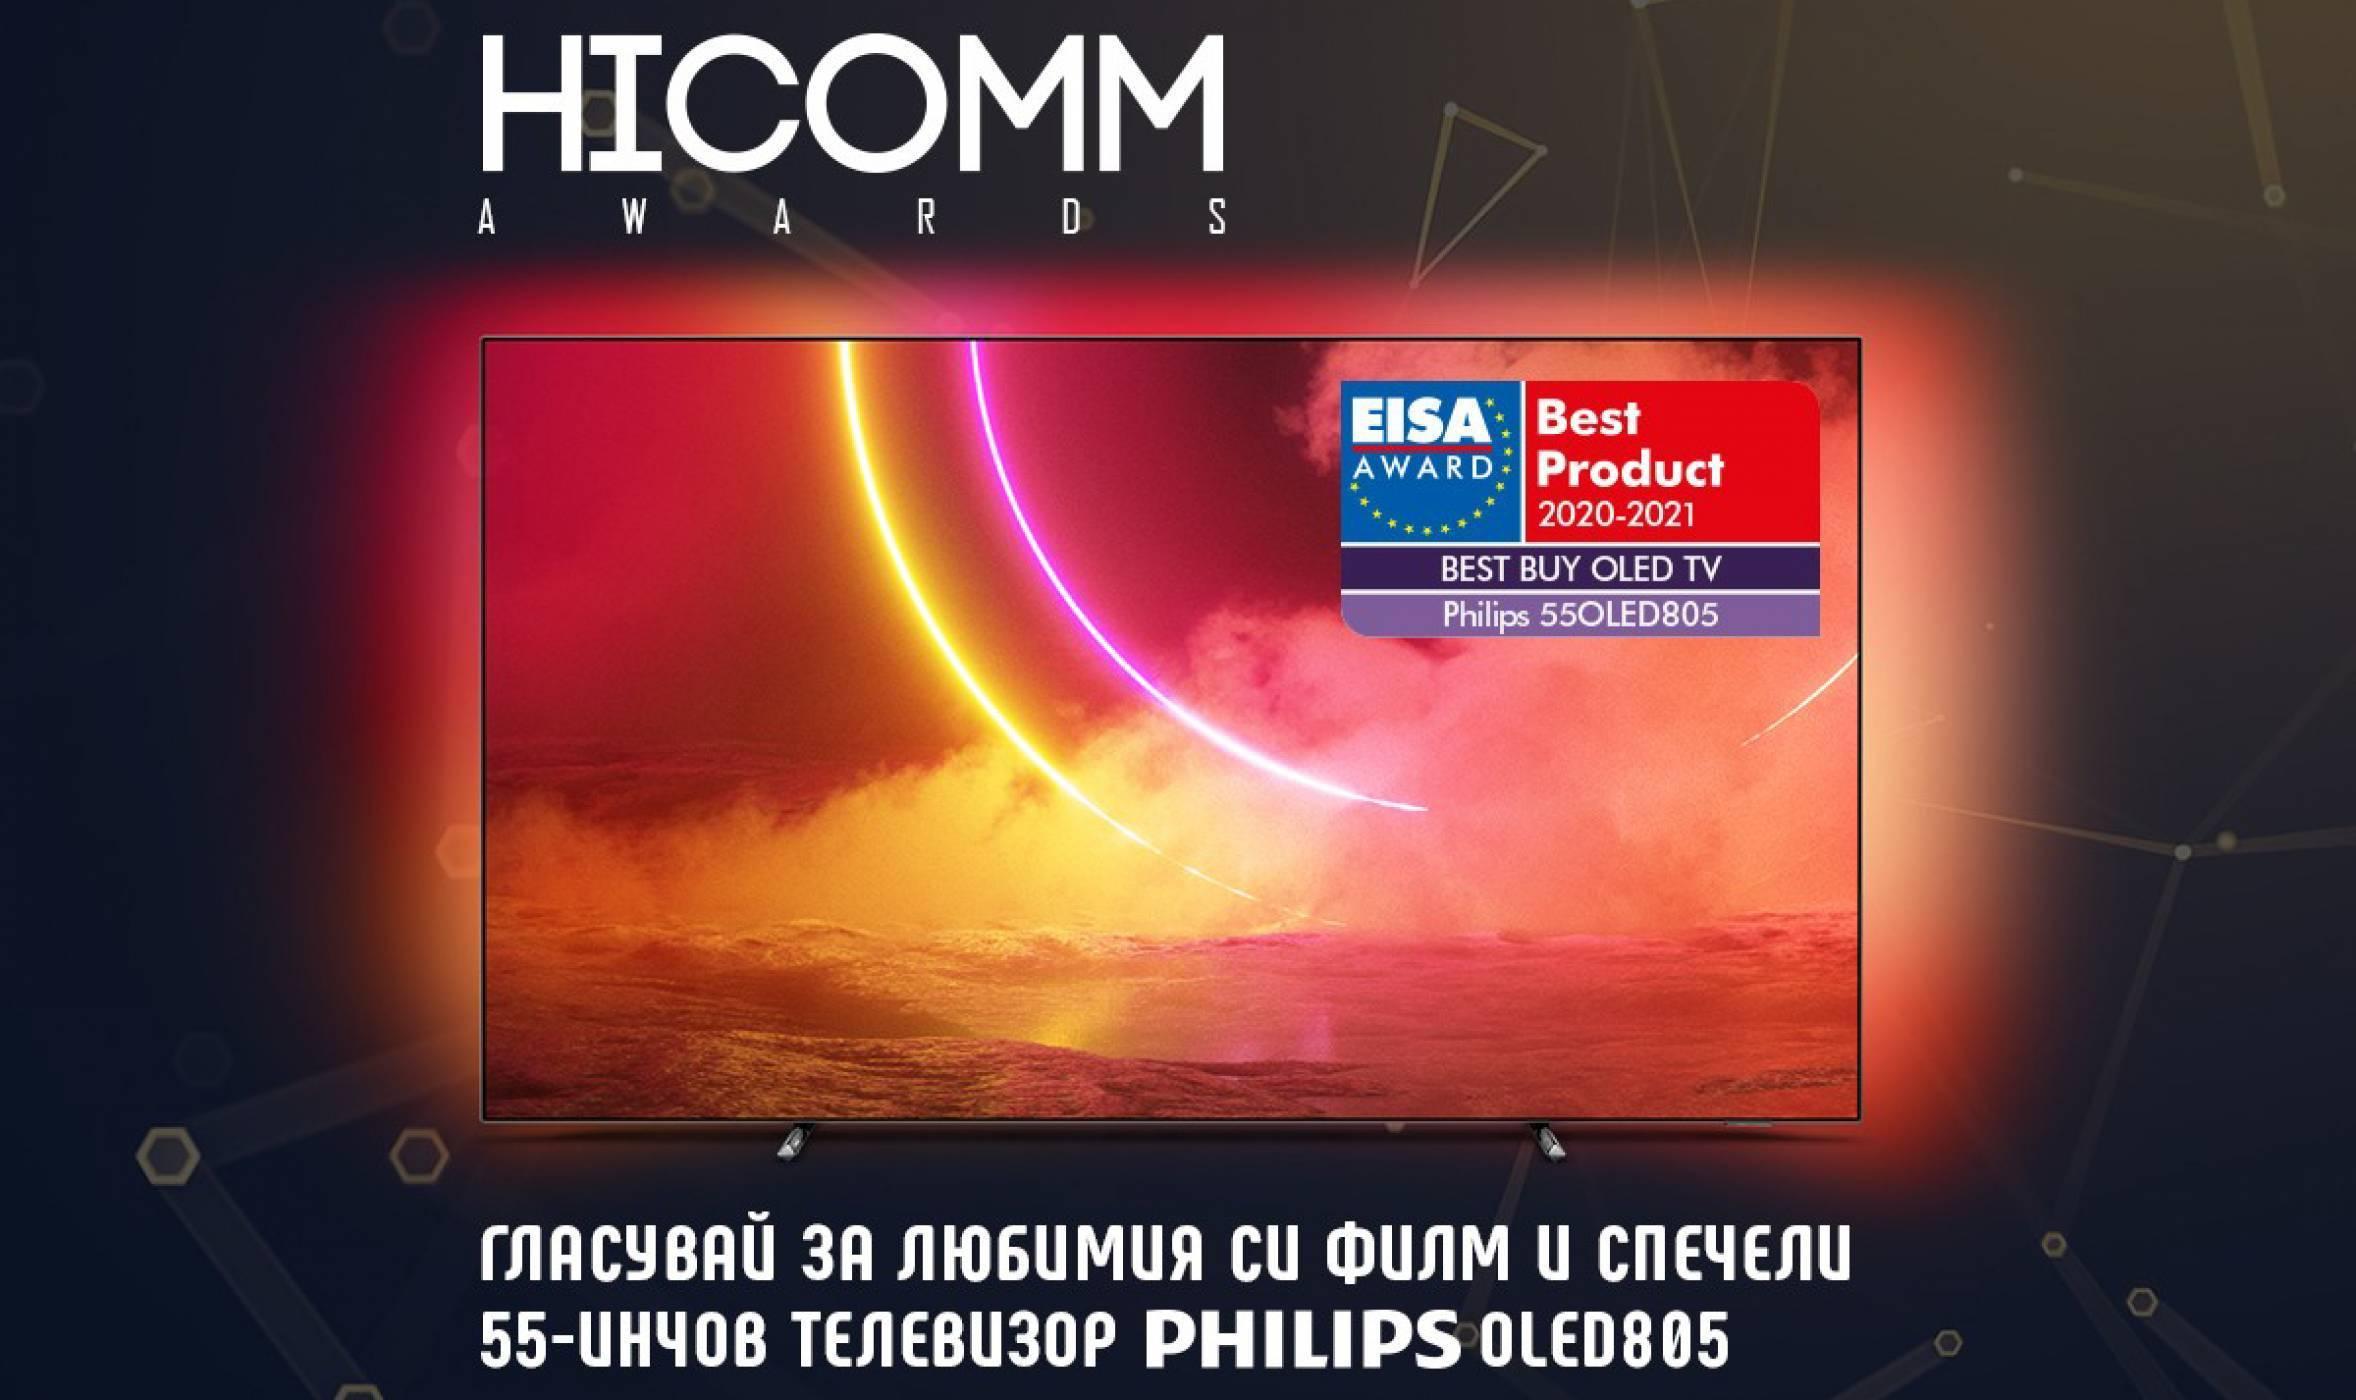 ECA 2020: И голямата награда Philips 4K OLED805 телевизор отива при...